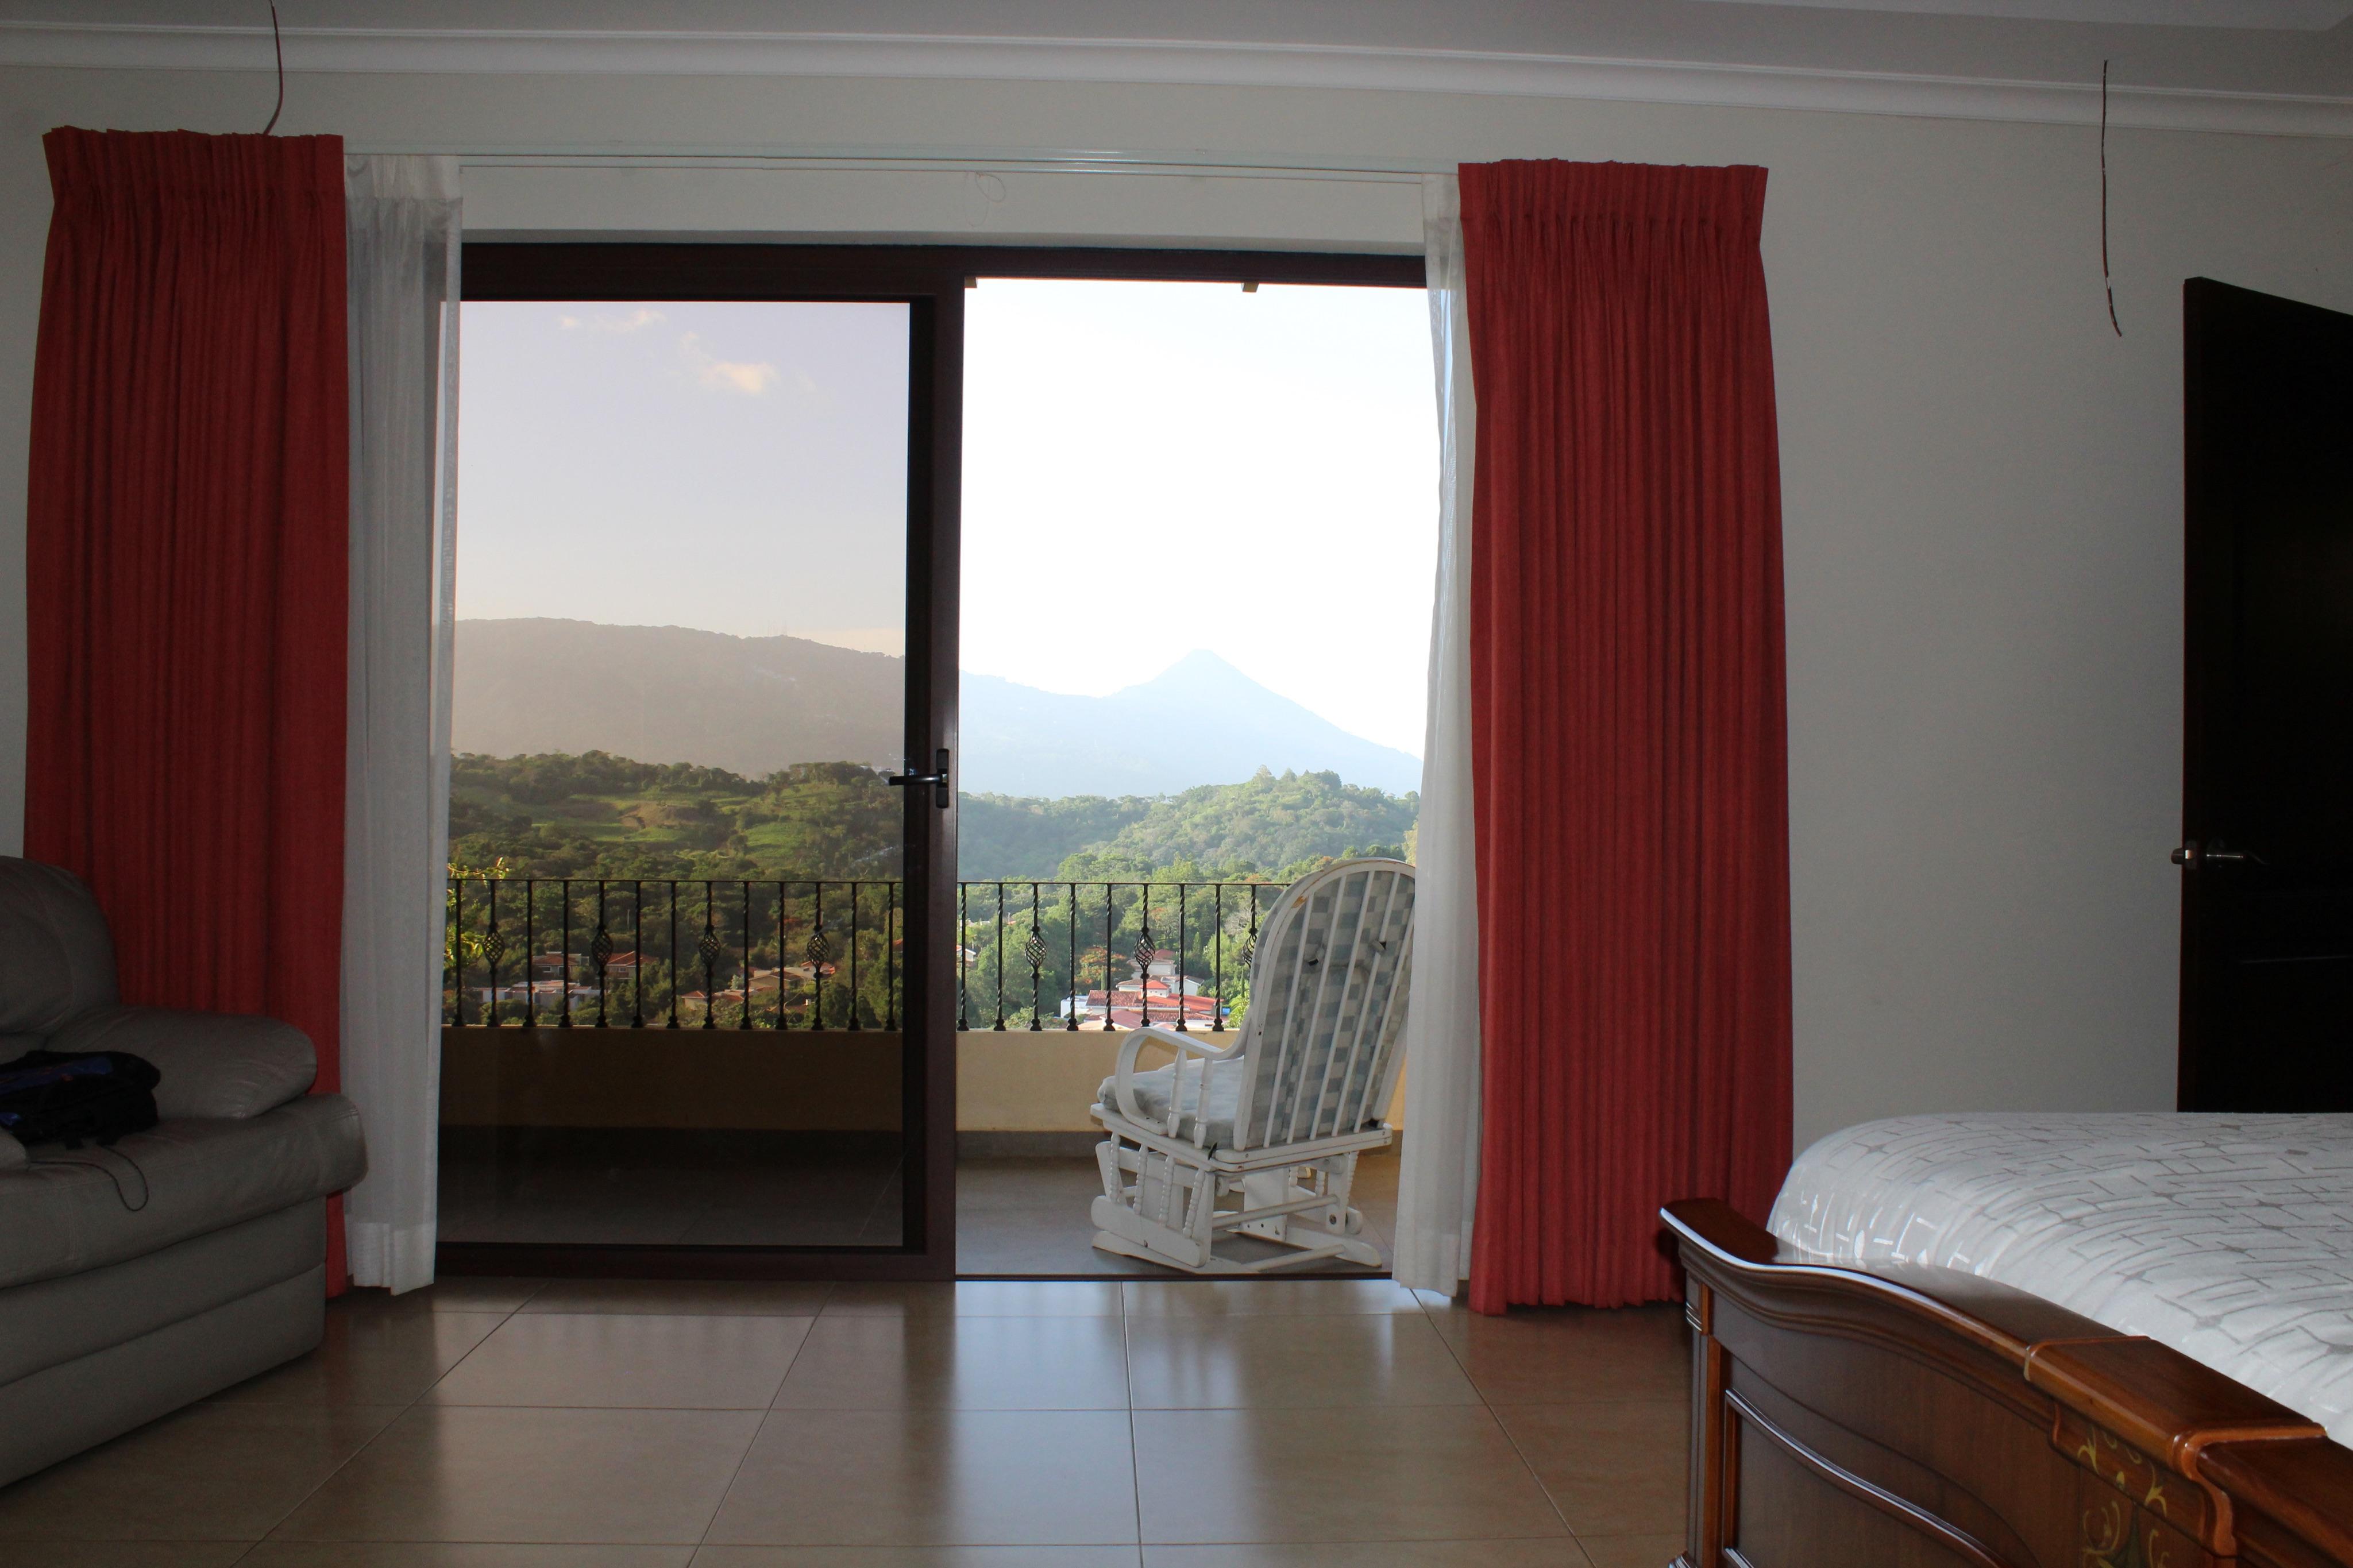 CPTCR0112 Casa en Venta Alturas de Tenerife  master 2